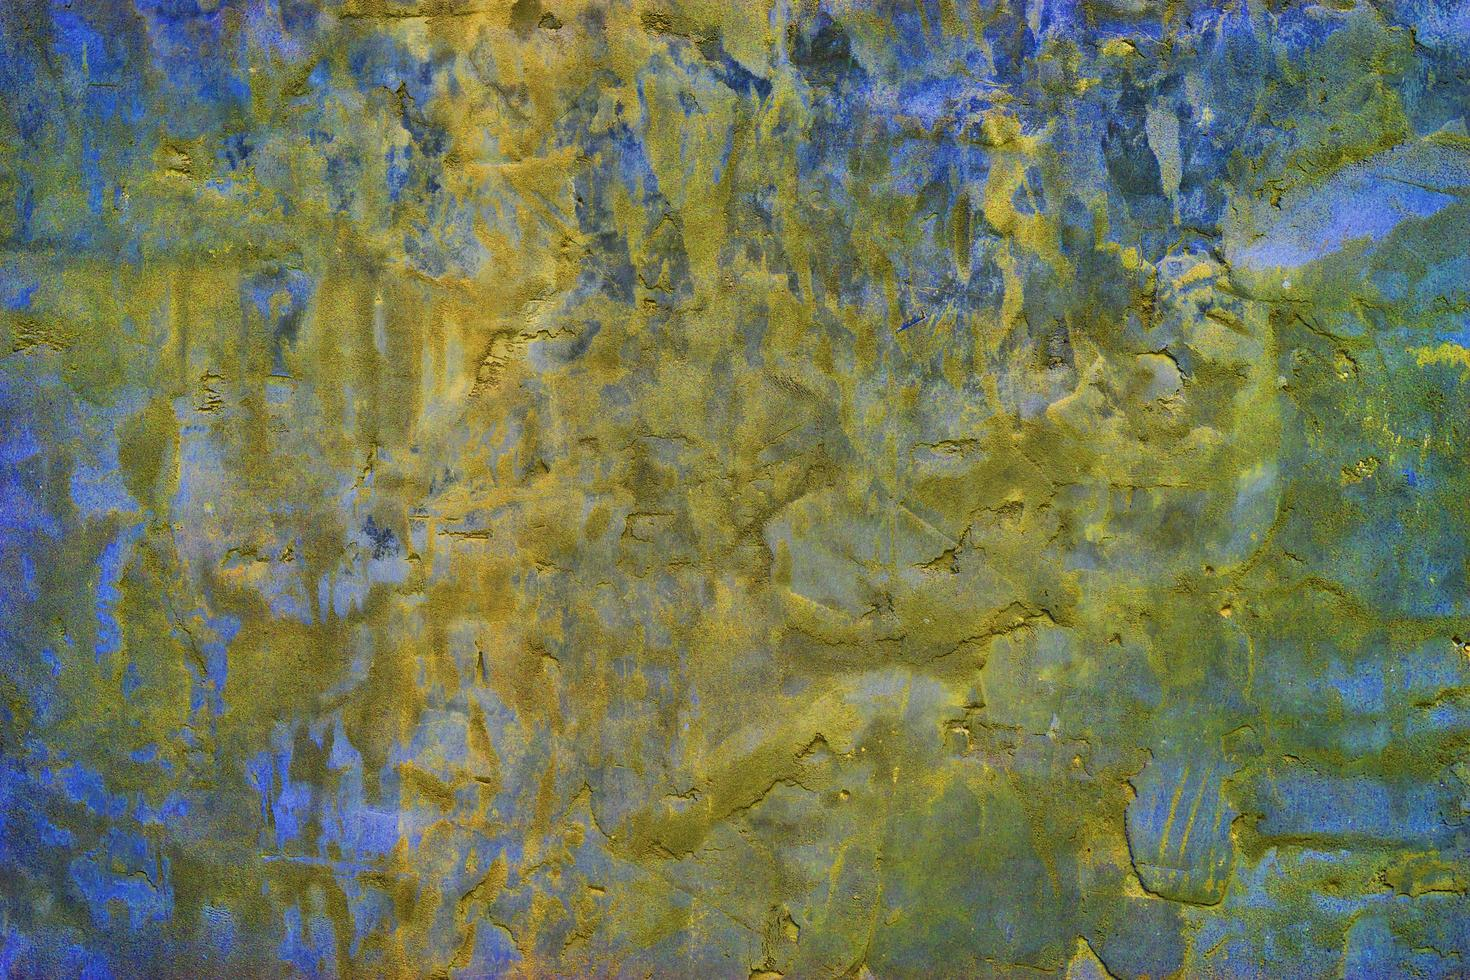 betongbakgrund i blå-gul färg med stor konsistens. foto